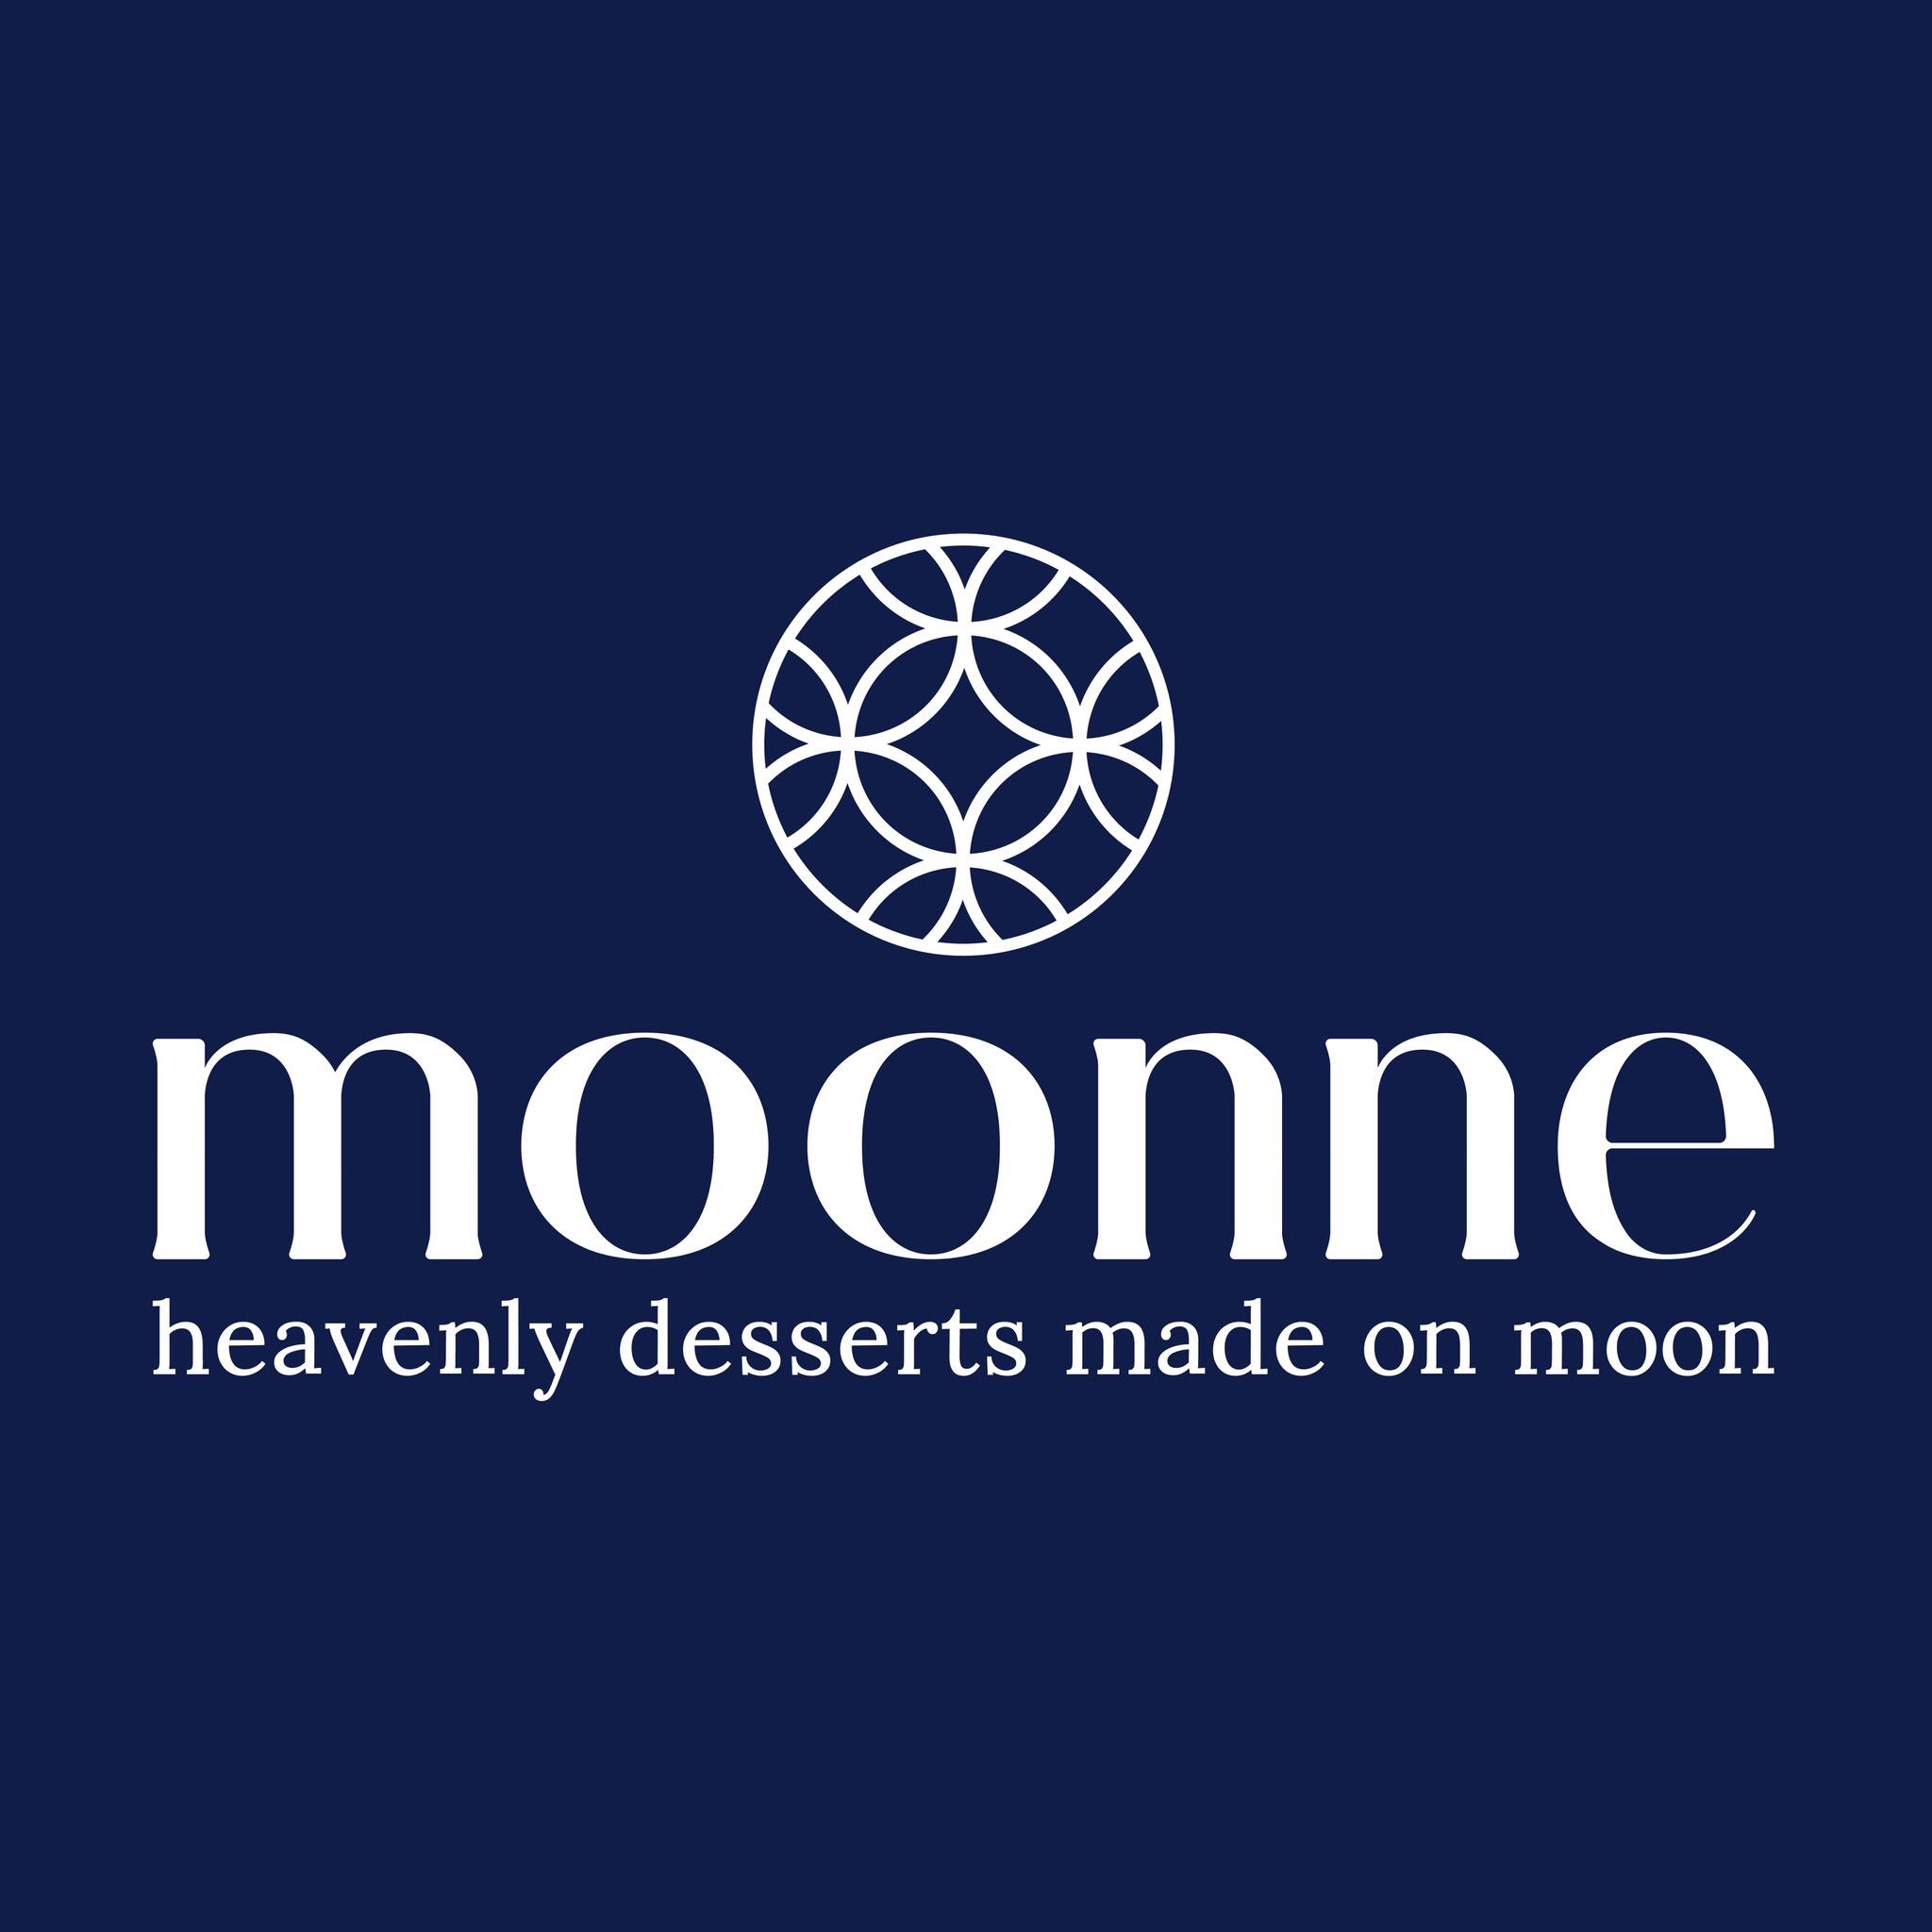 moonne